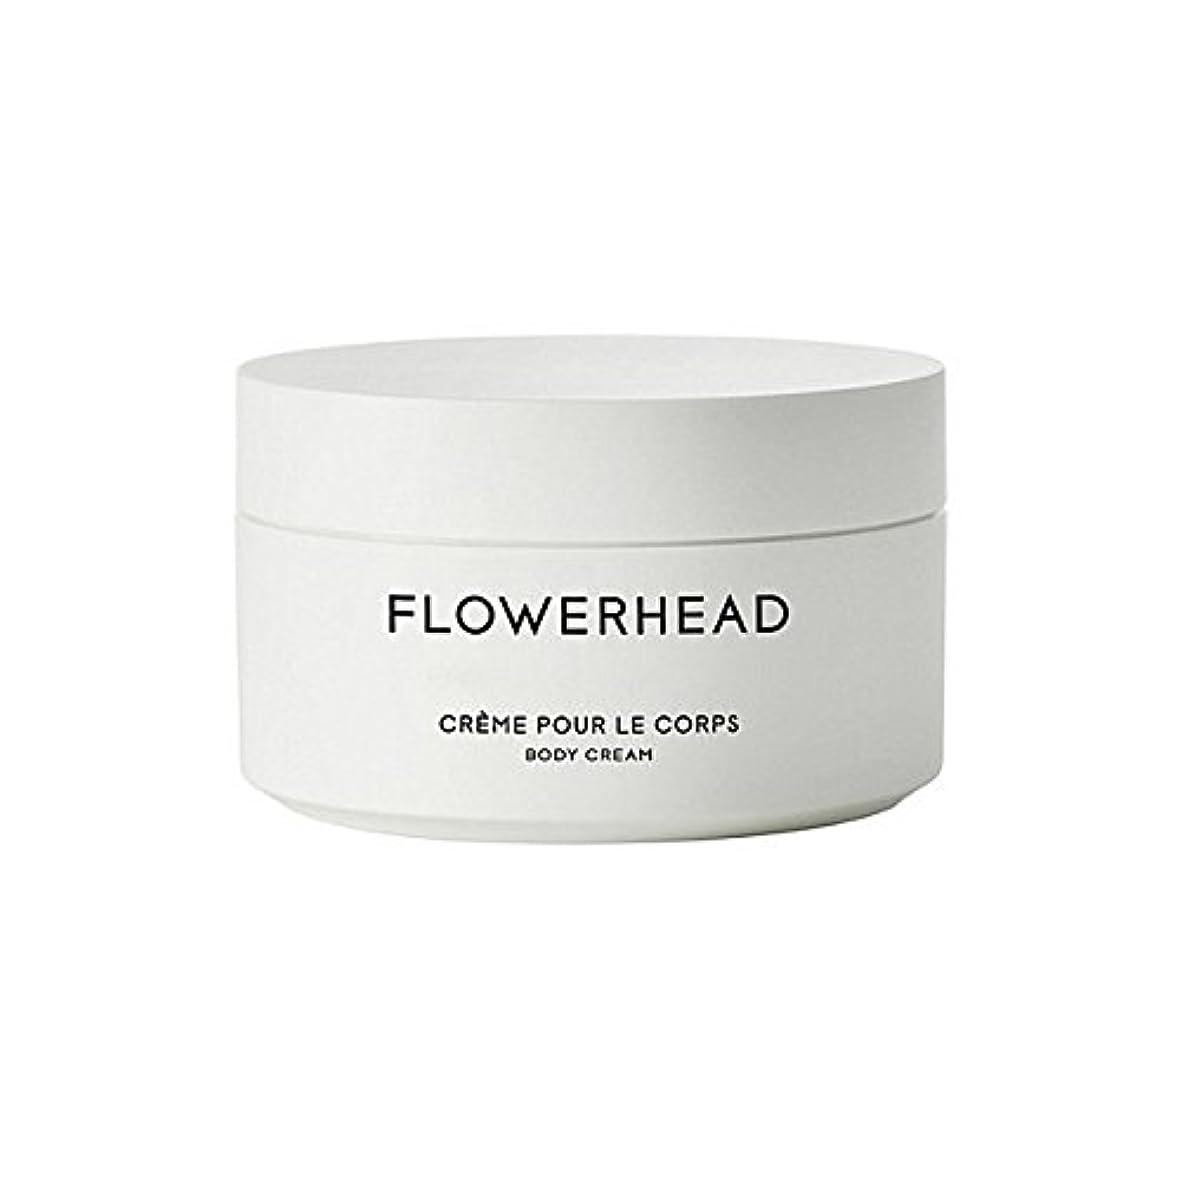 酔って不十分雪だるまを作るByredo Flowerhead Body Cream 200ml - ボディクリーム200ミリリットル [並行輸入品]